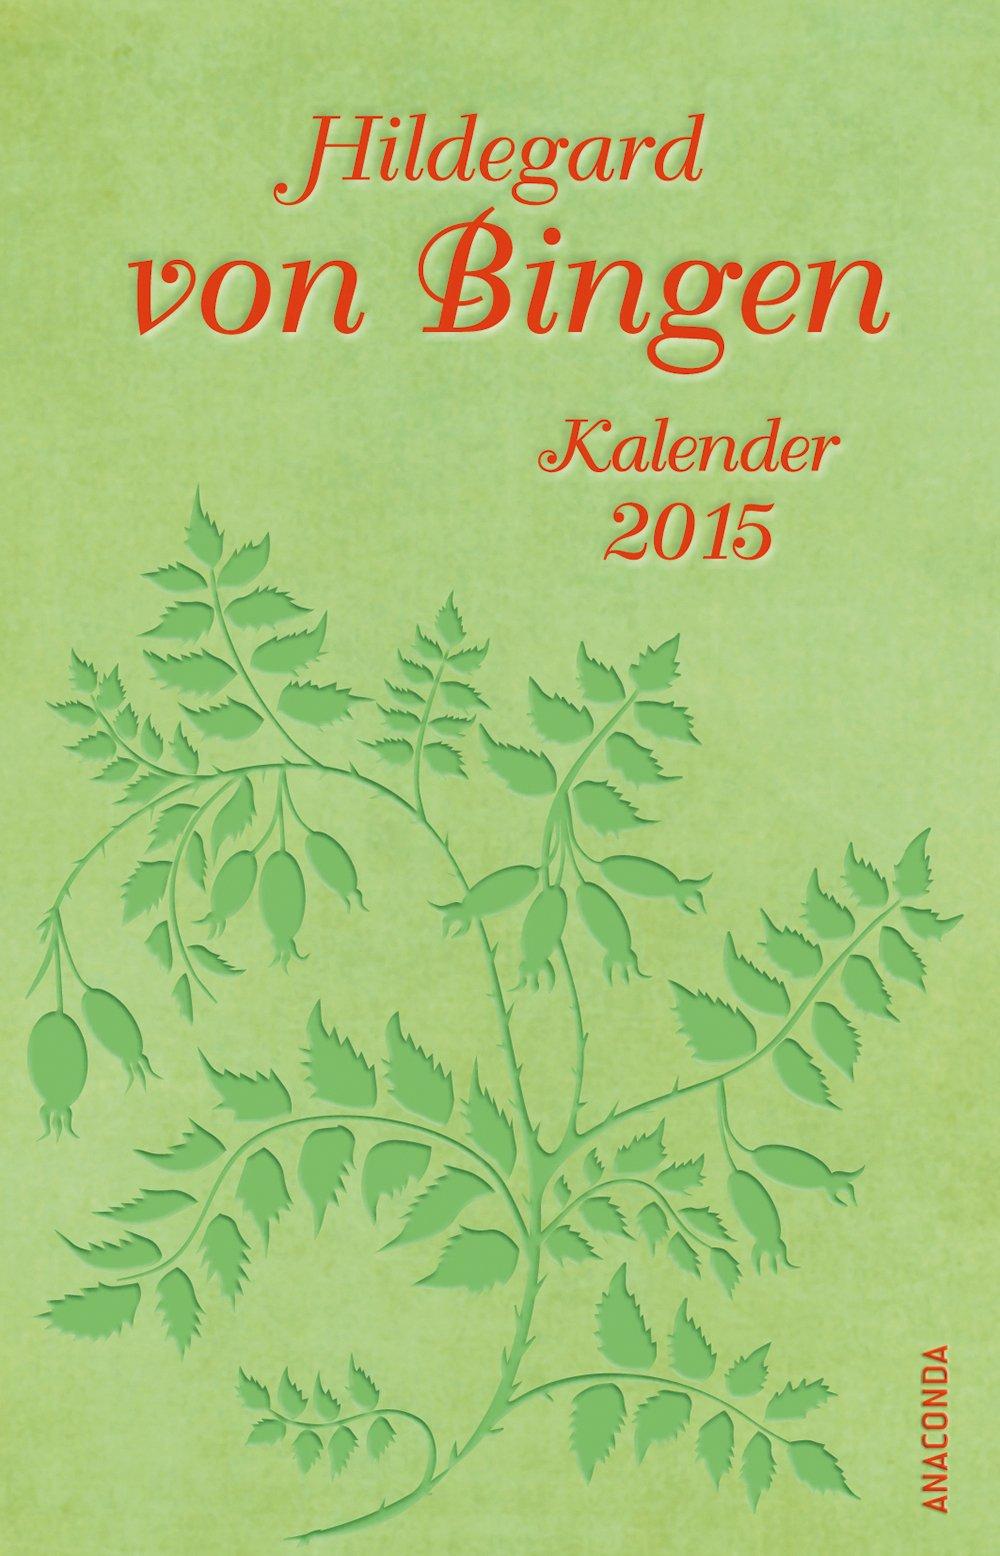 Kalender Hildegard von Bingen 2015 (Taschenkalender)